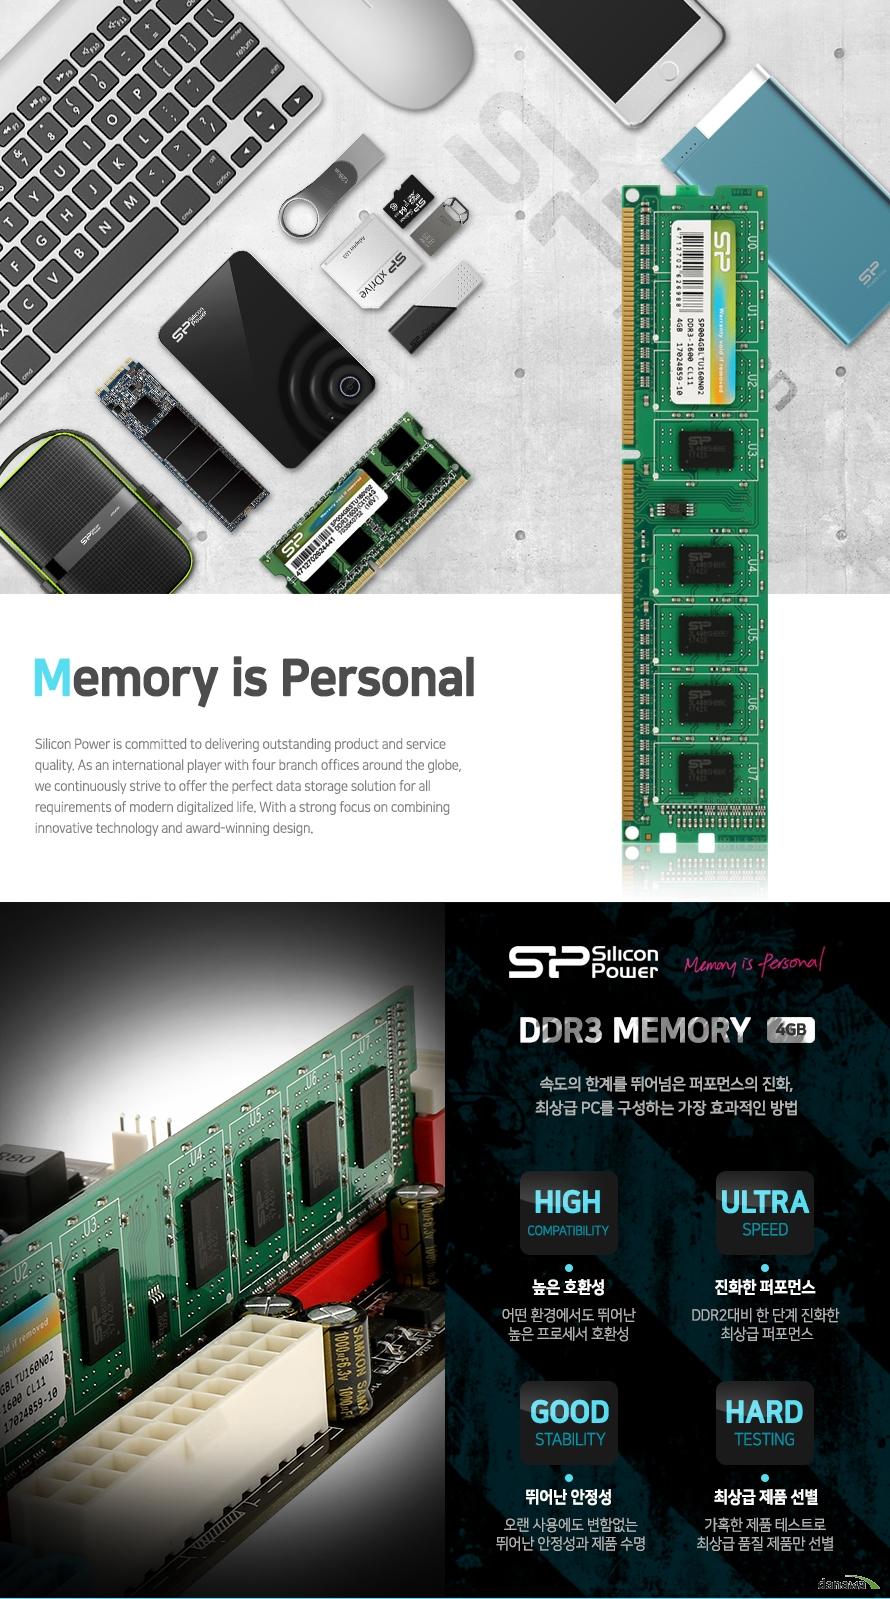 MEMORY IS PERSONAL   실리콘파워 DDR3 메모리 4기가바이트      속도의 한계를 뛰어넘은 퍼포먼스의 진화   최상급 PC를 구성하는 가장 효과적인 방법      높은 호환성   어떤 환경에서도 뛰어난 높은 프로세서 호환성      진화한 퍼포먼스   DDR2대비 한 단계 진화한 최상급 퍼포먼스      뛰어난 안정성   오랜 사용에도 변함없는 뛰어난 안정성과 제품 수명      최상급 제품 선별   가혹한 제품 테스트로 최상급 품질 제품만 선별